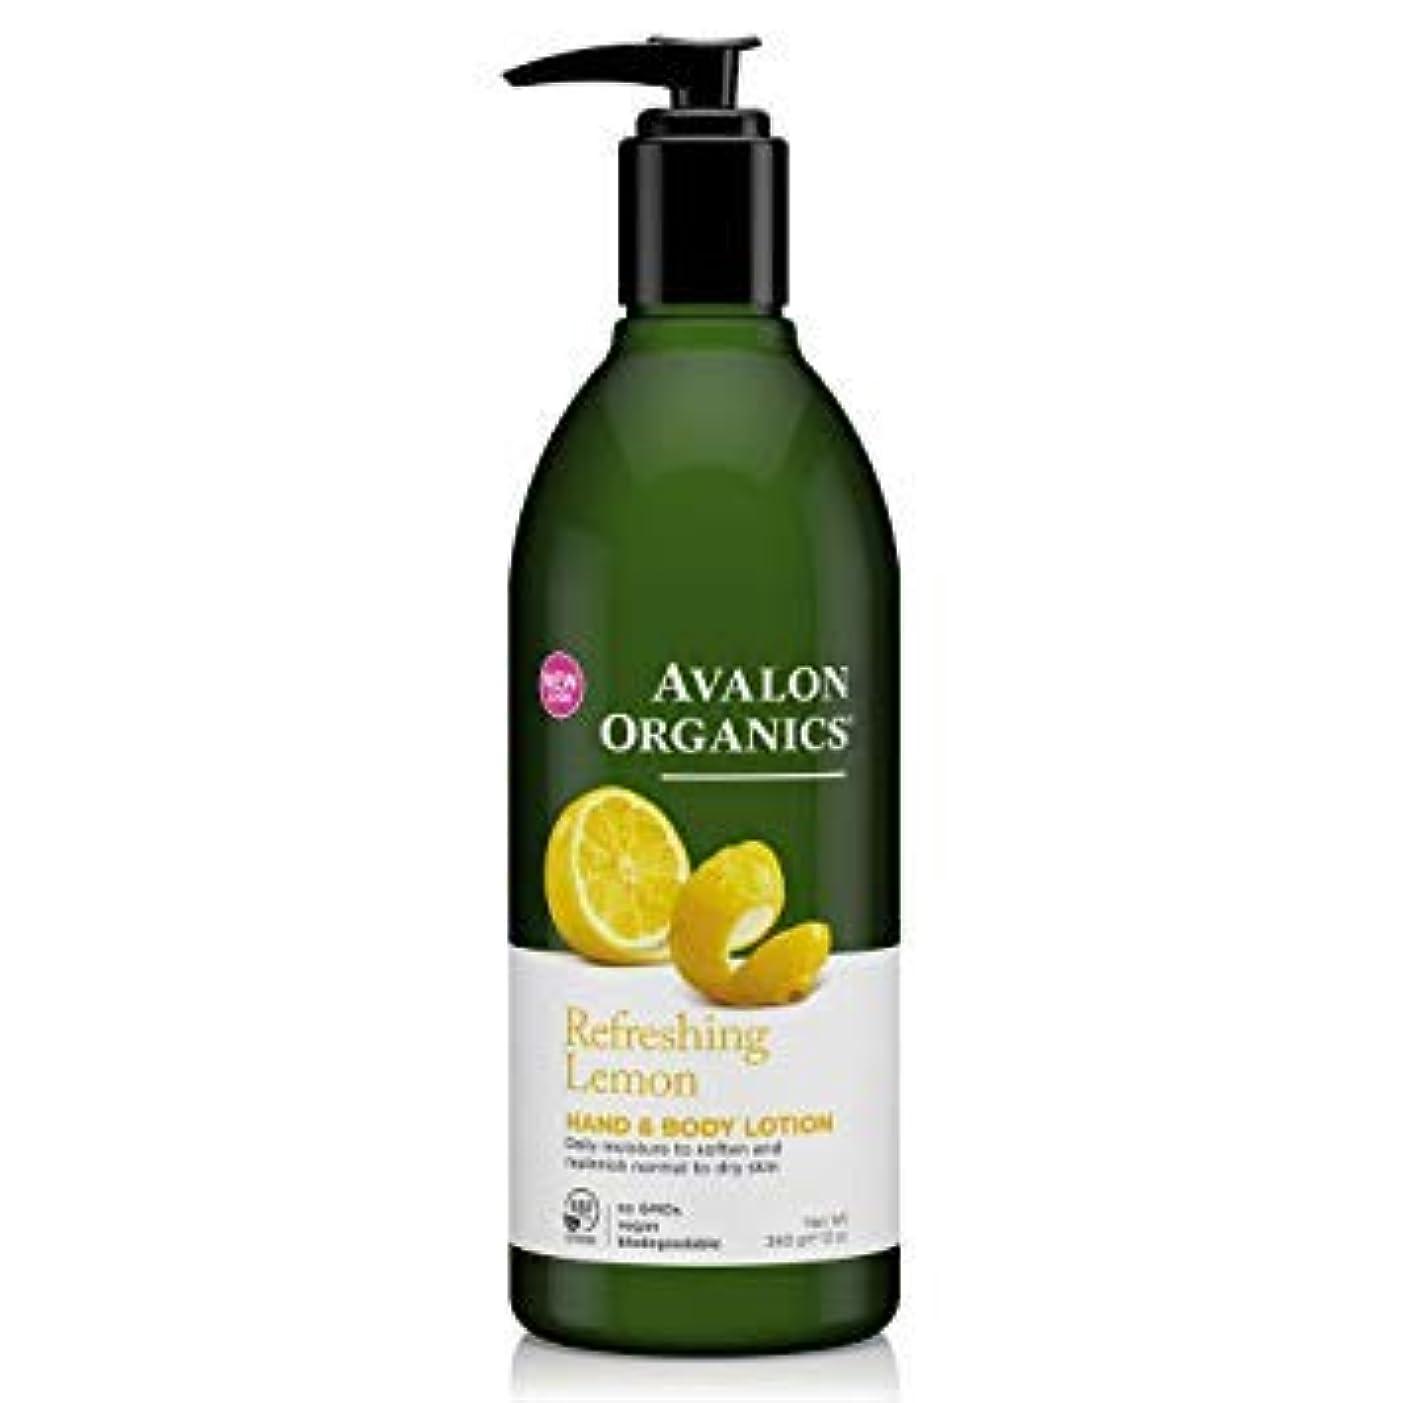 メタルラインアマゾンジャングルファントムAvalon Organics Lemon Hand & Body Lotion 340g (Pack of 2) - (Avalon) レモンハンド&ボディローション340グラム (x2) [並行輸入品]